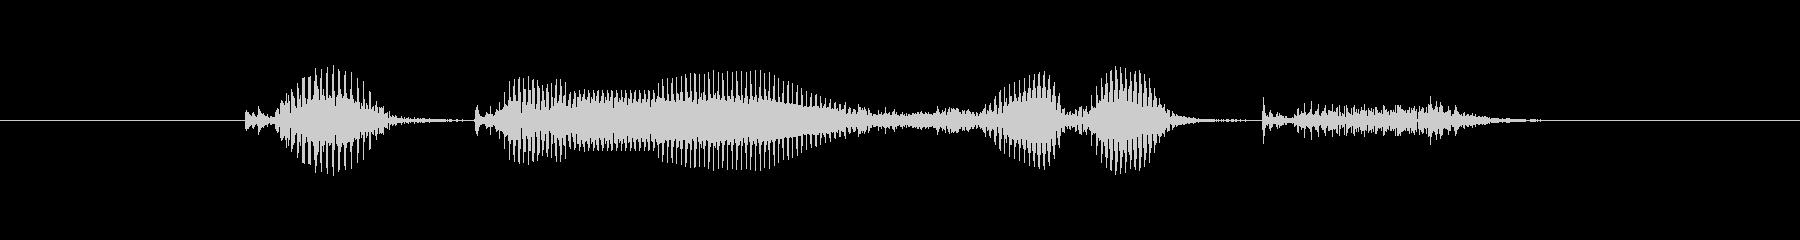 確認するかい?の未再生の波形